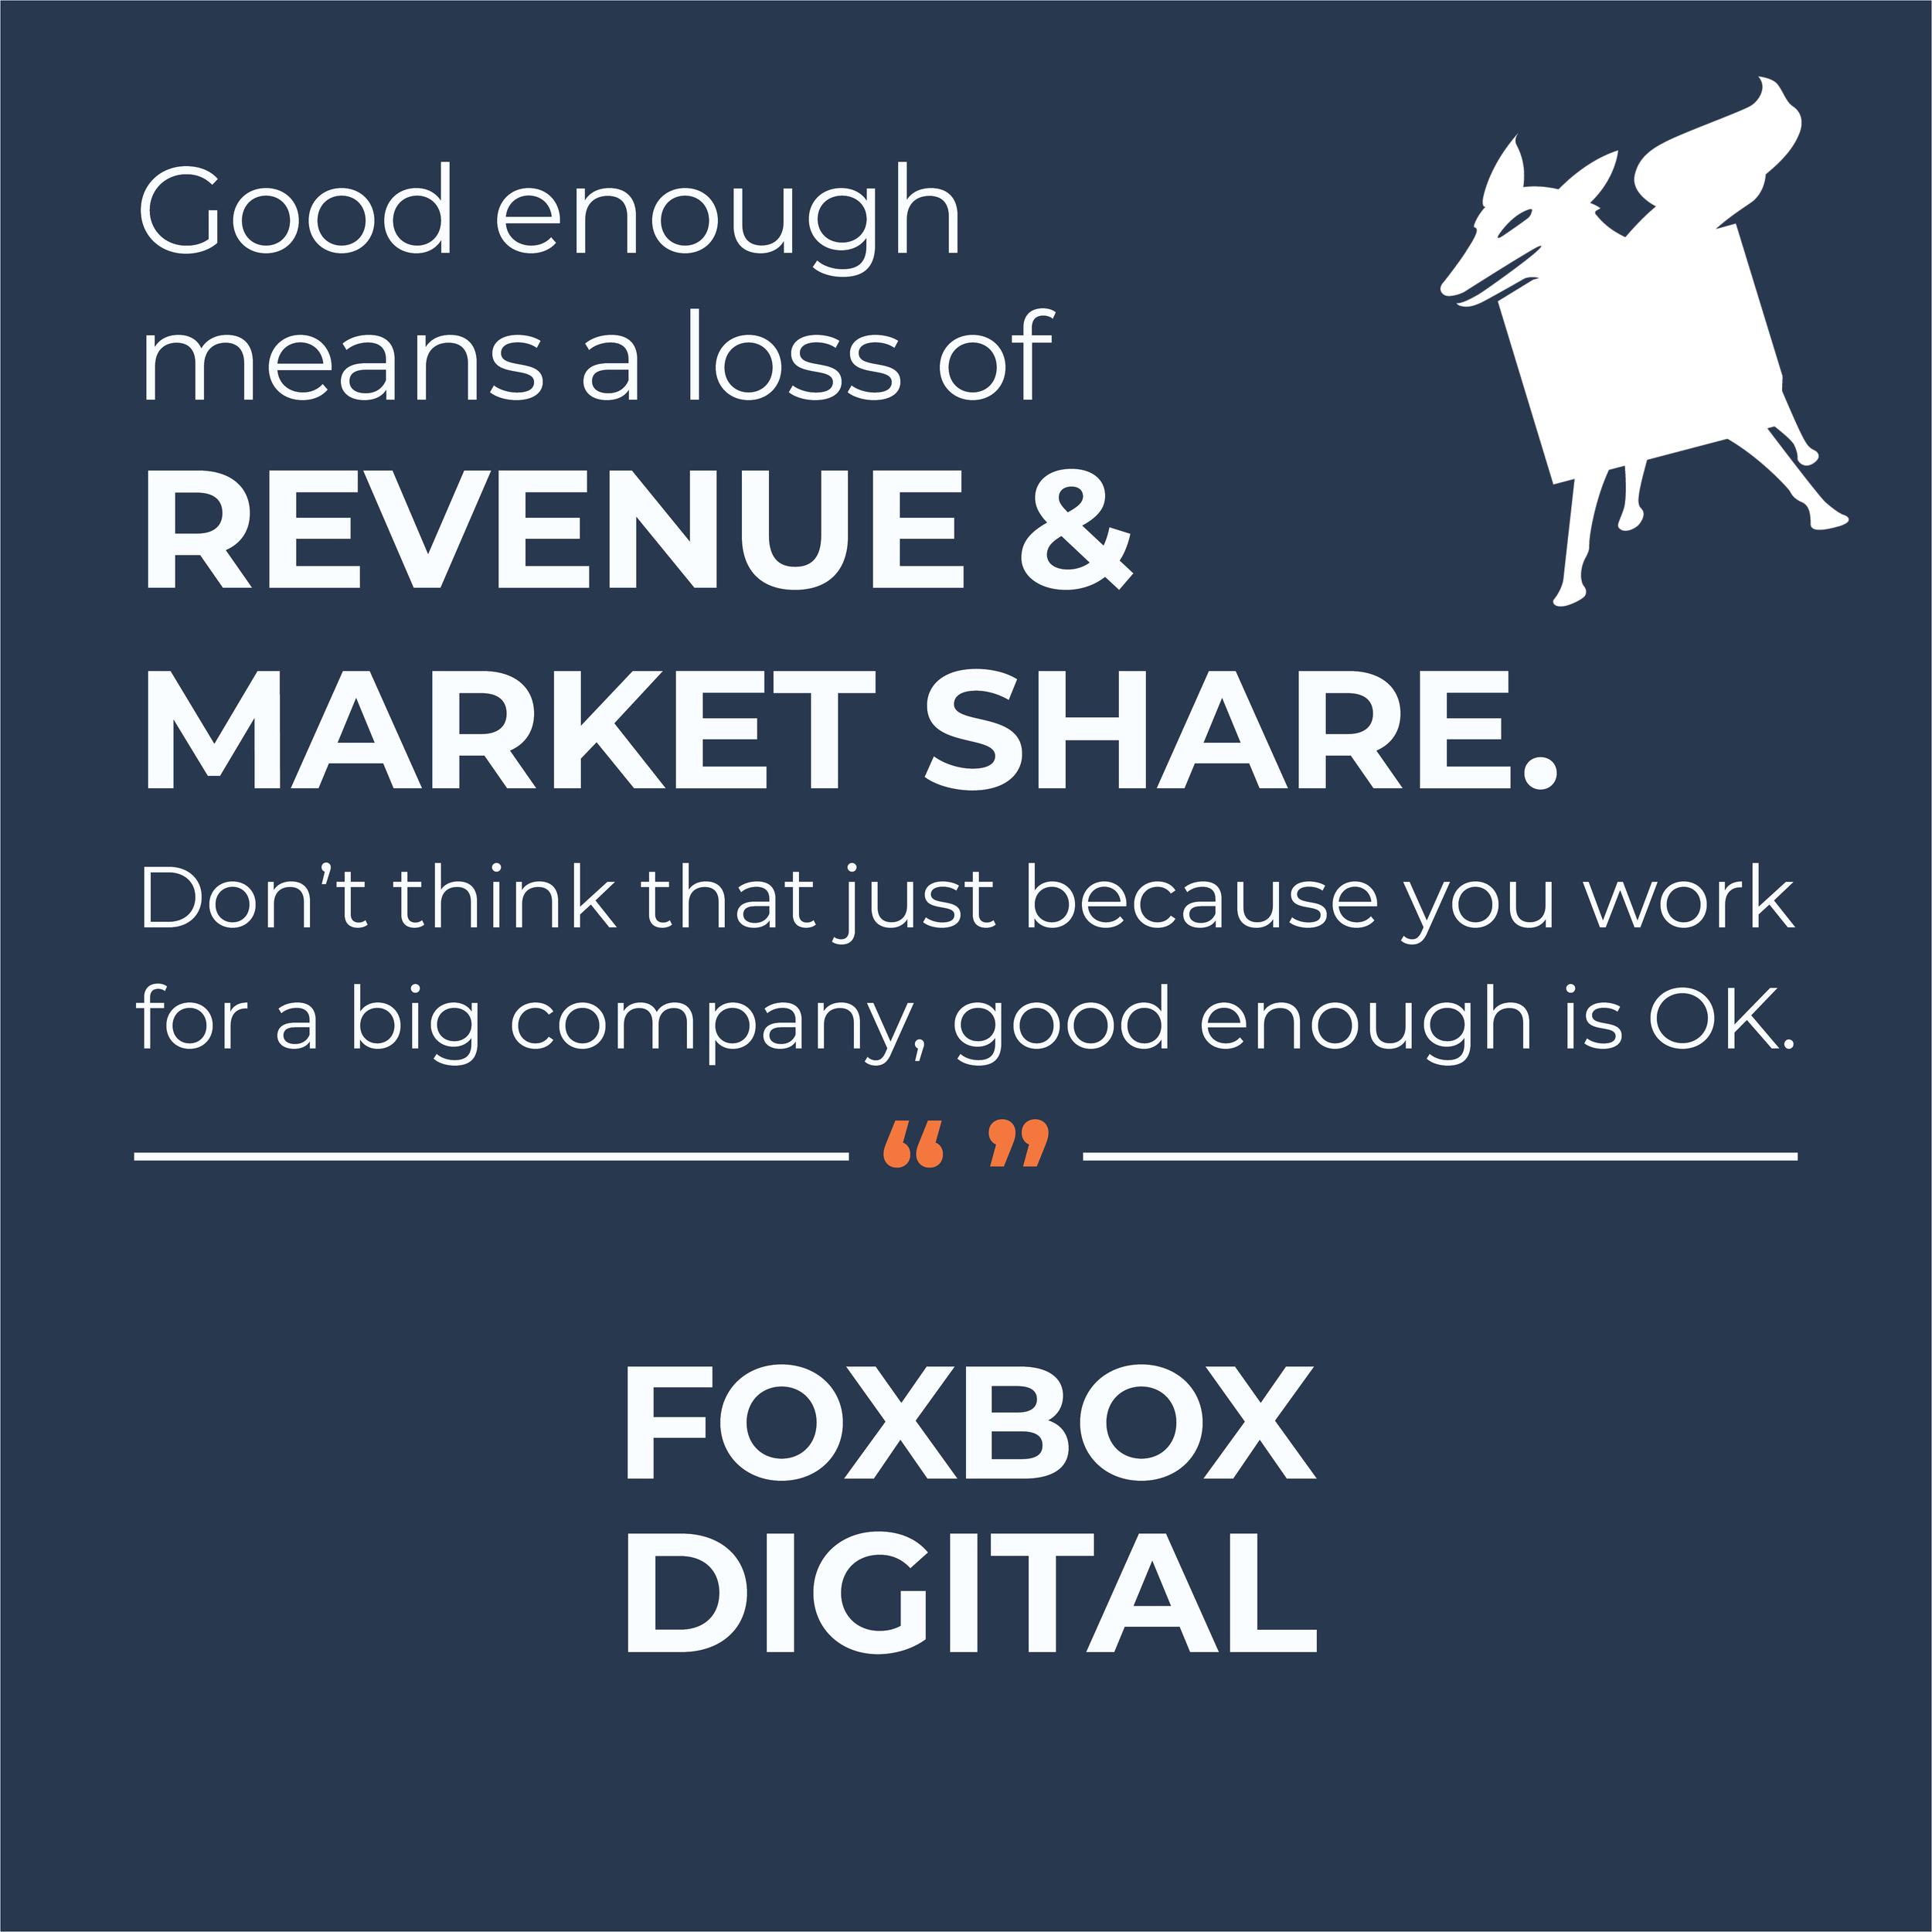 Foxbox_Image_Quote_5_Foxbox.png